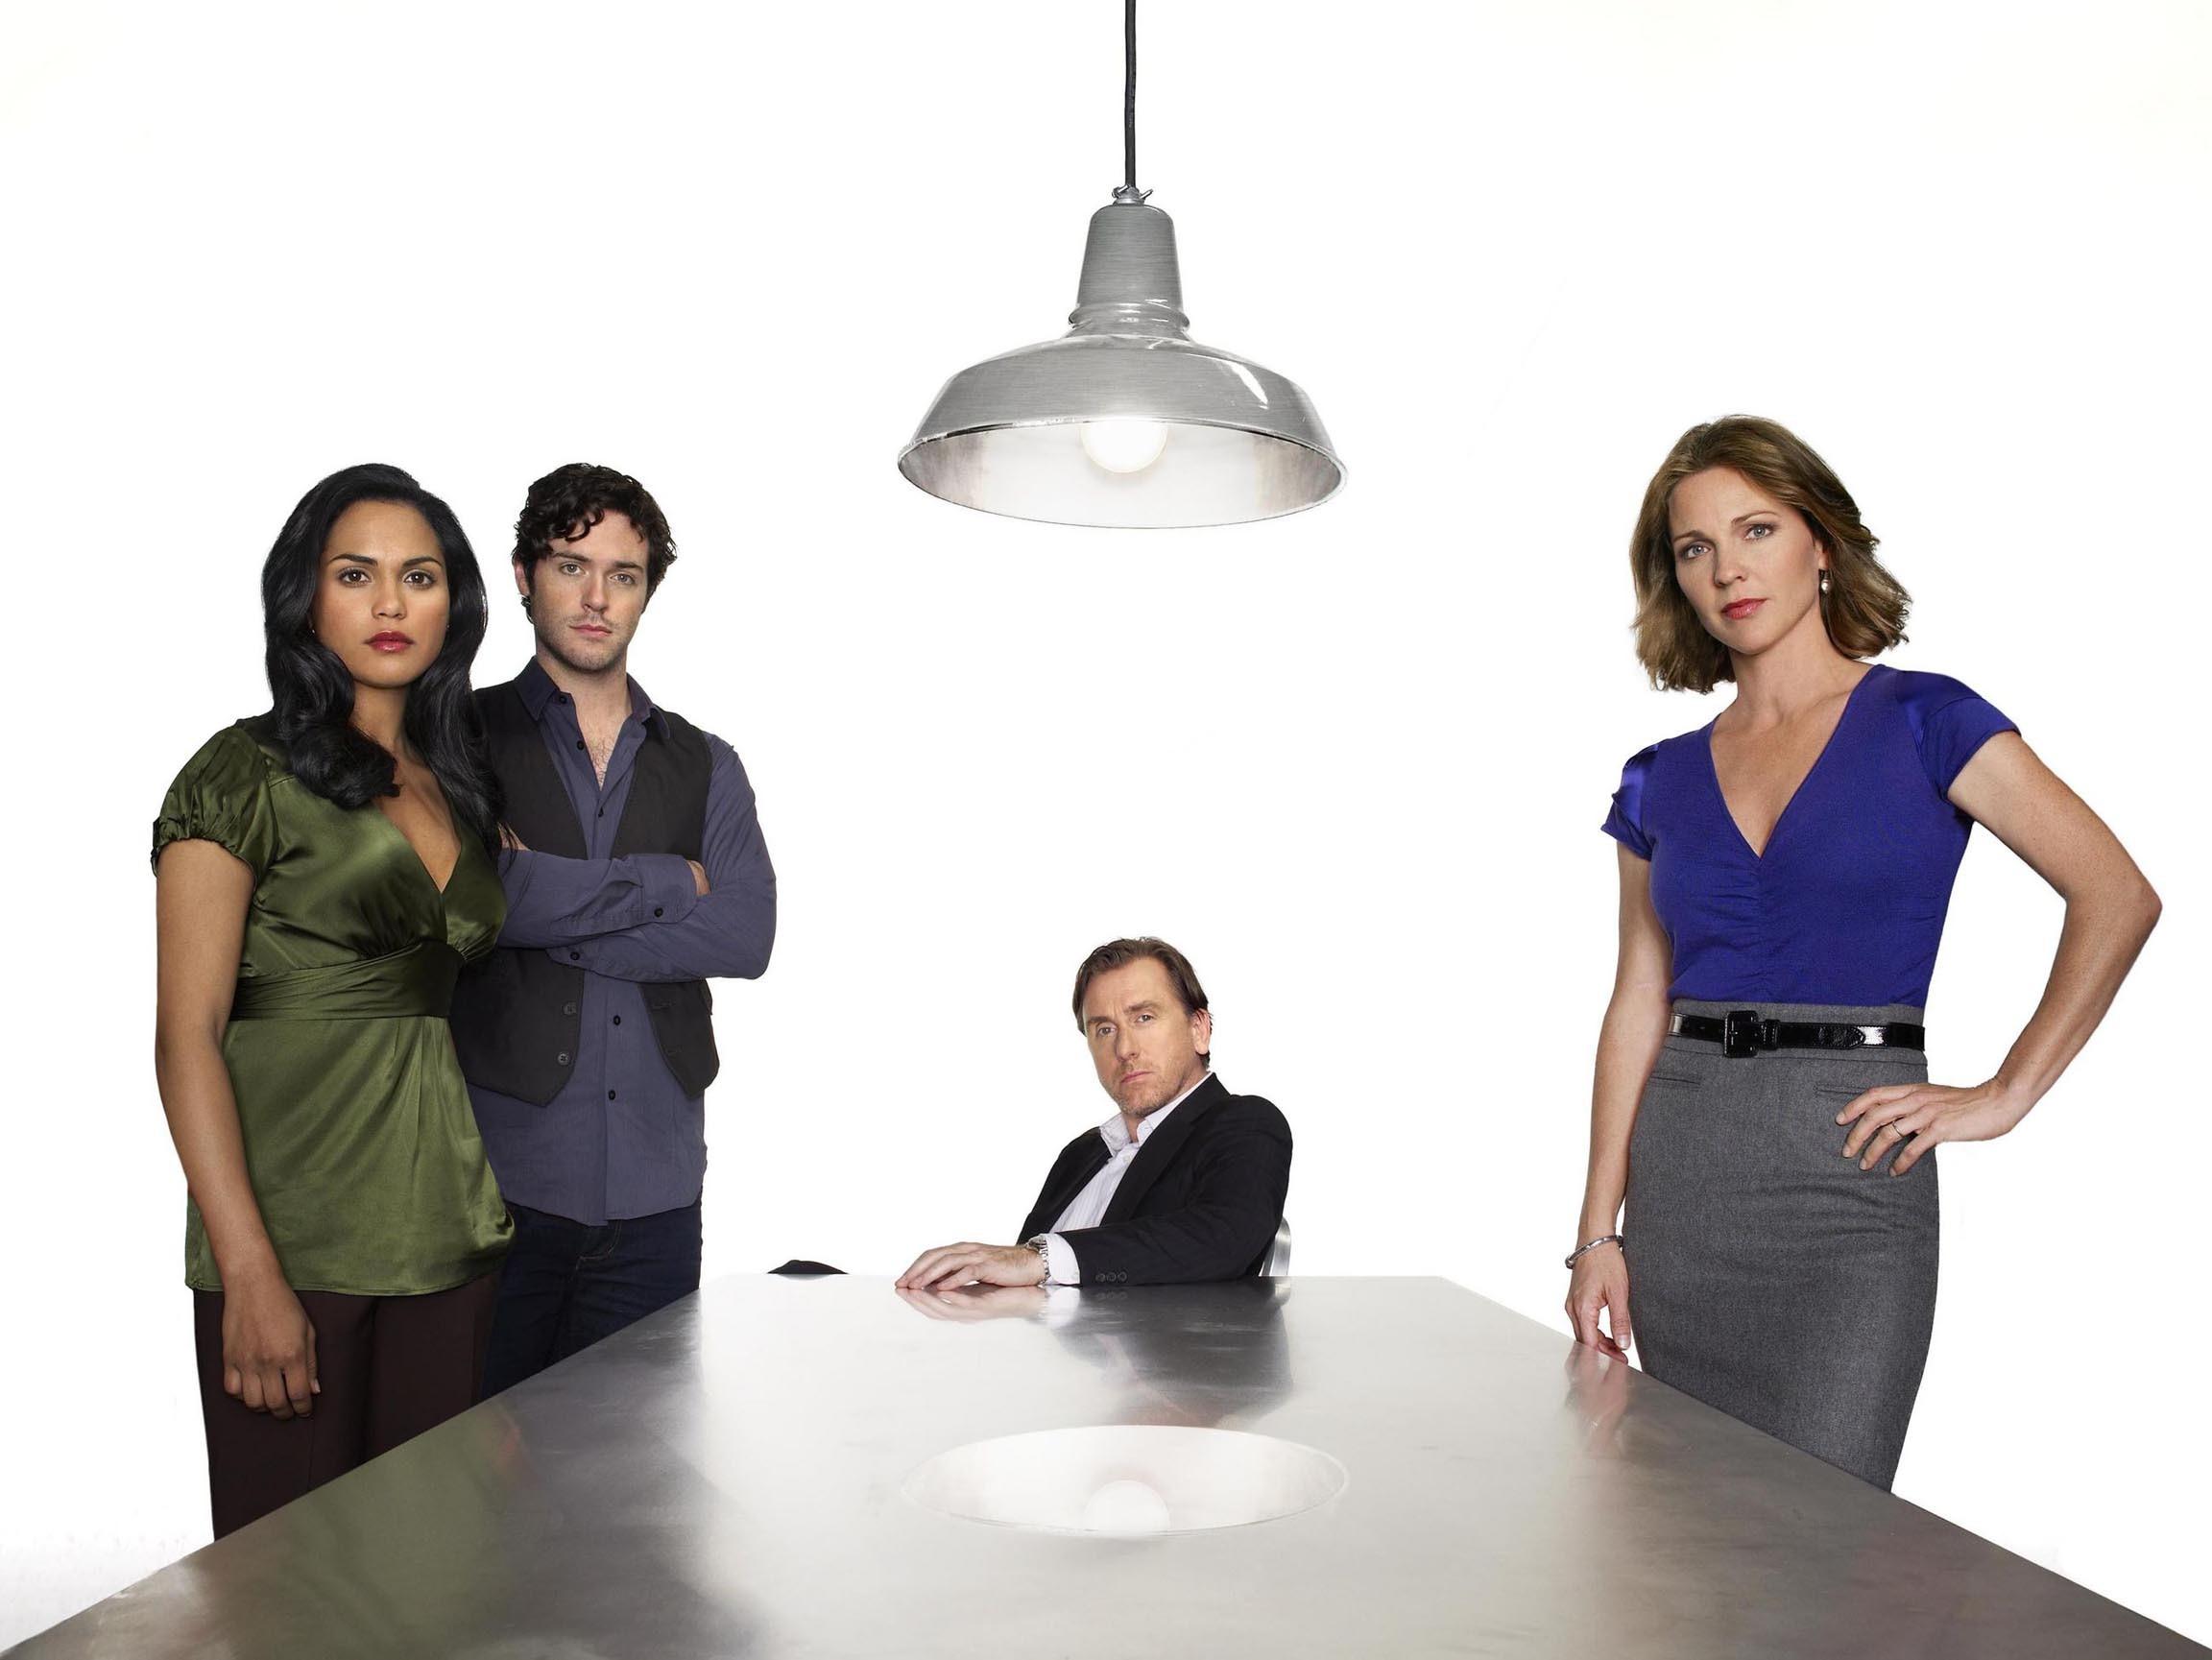 Wallpaper: il cast principale di Lie to Me per una foto promozionale